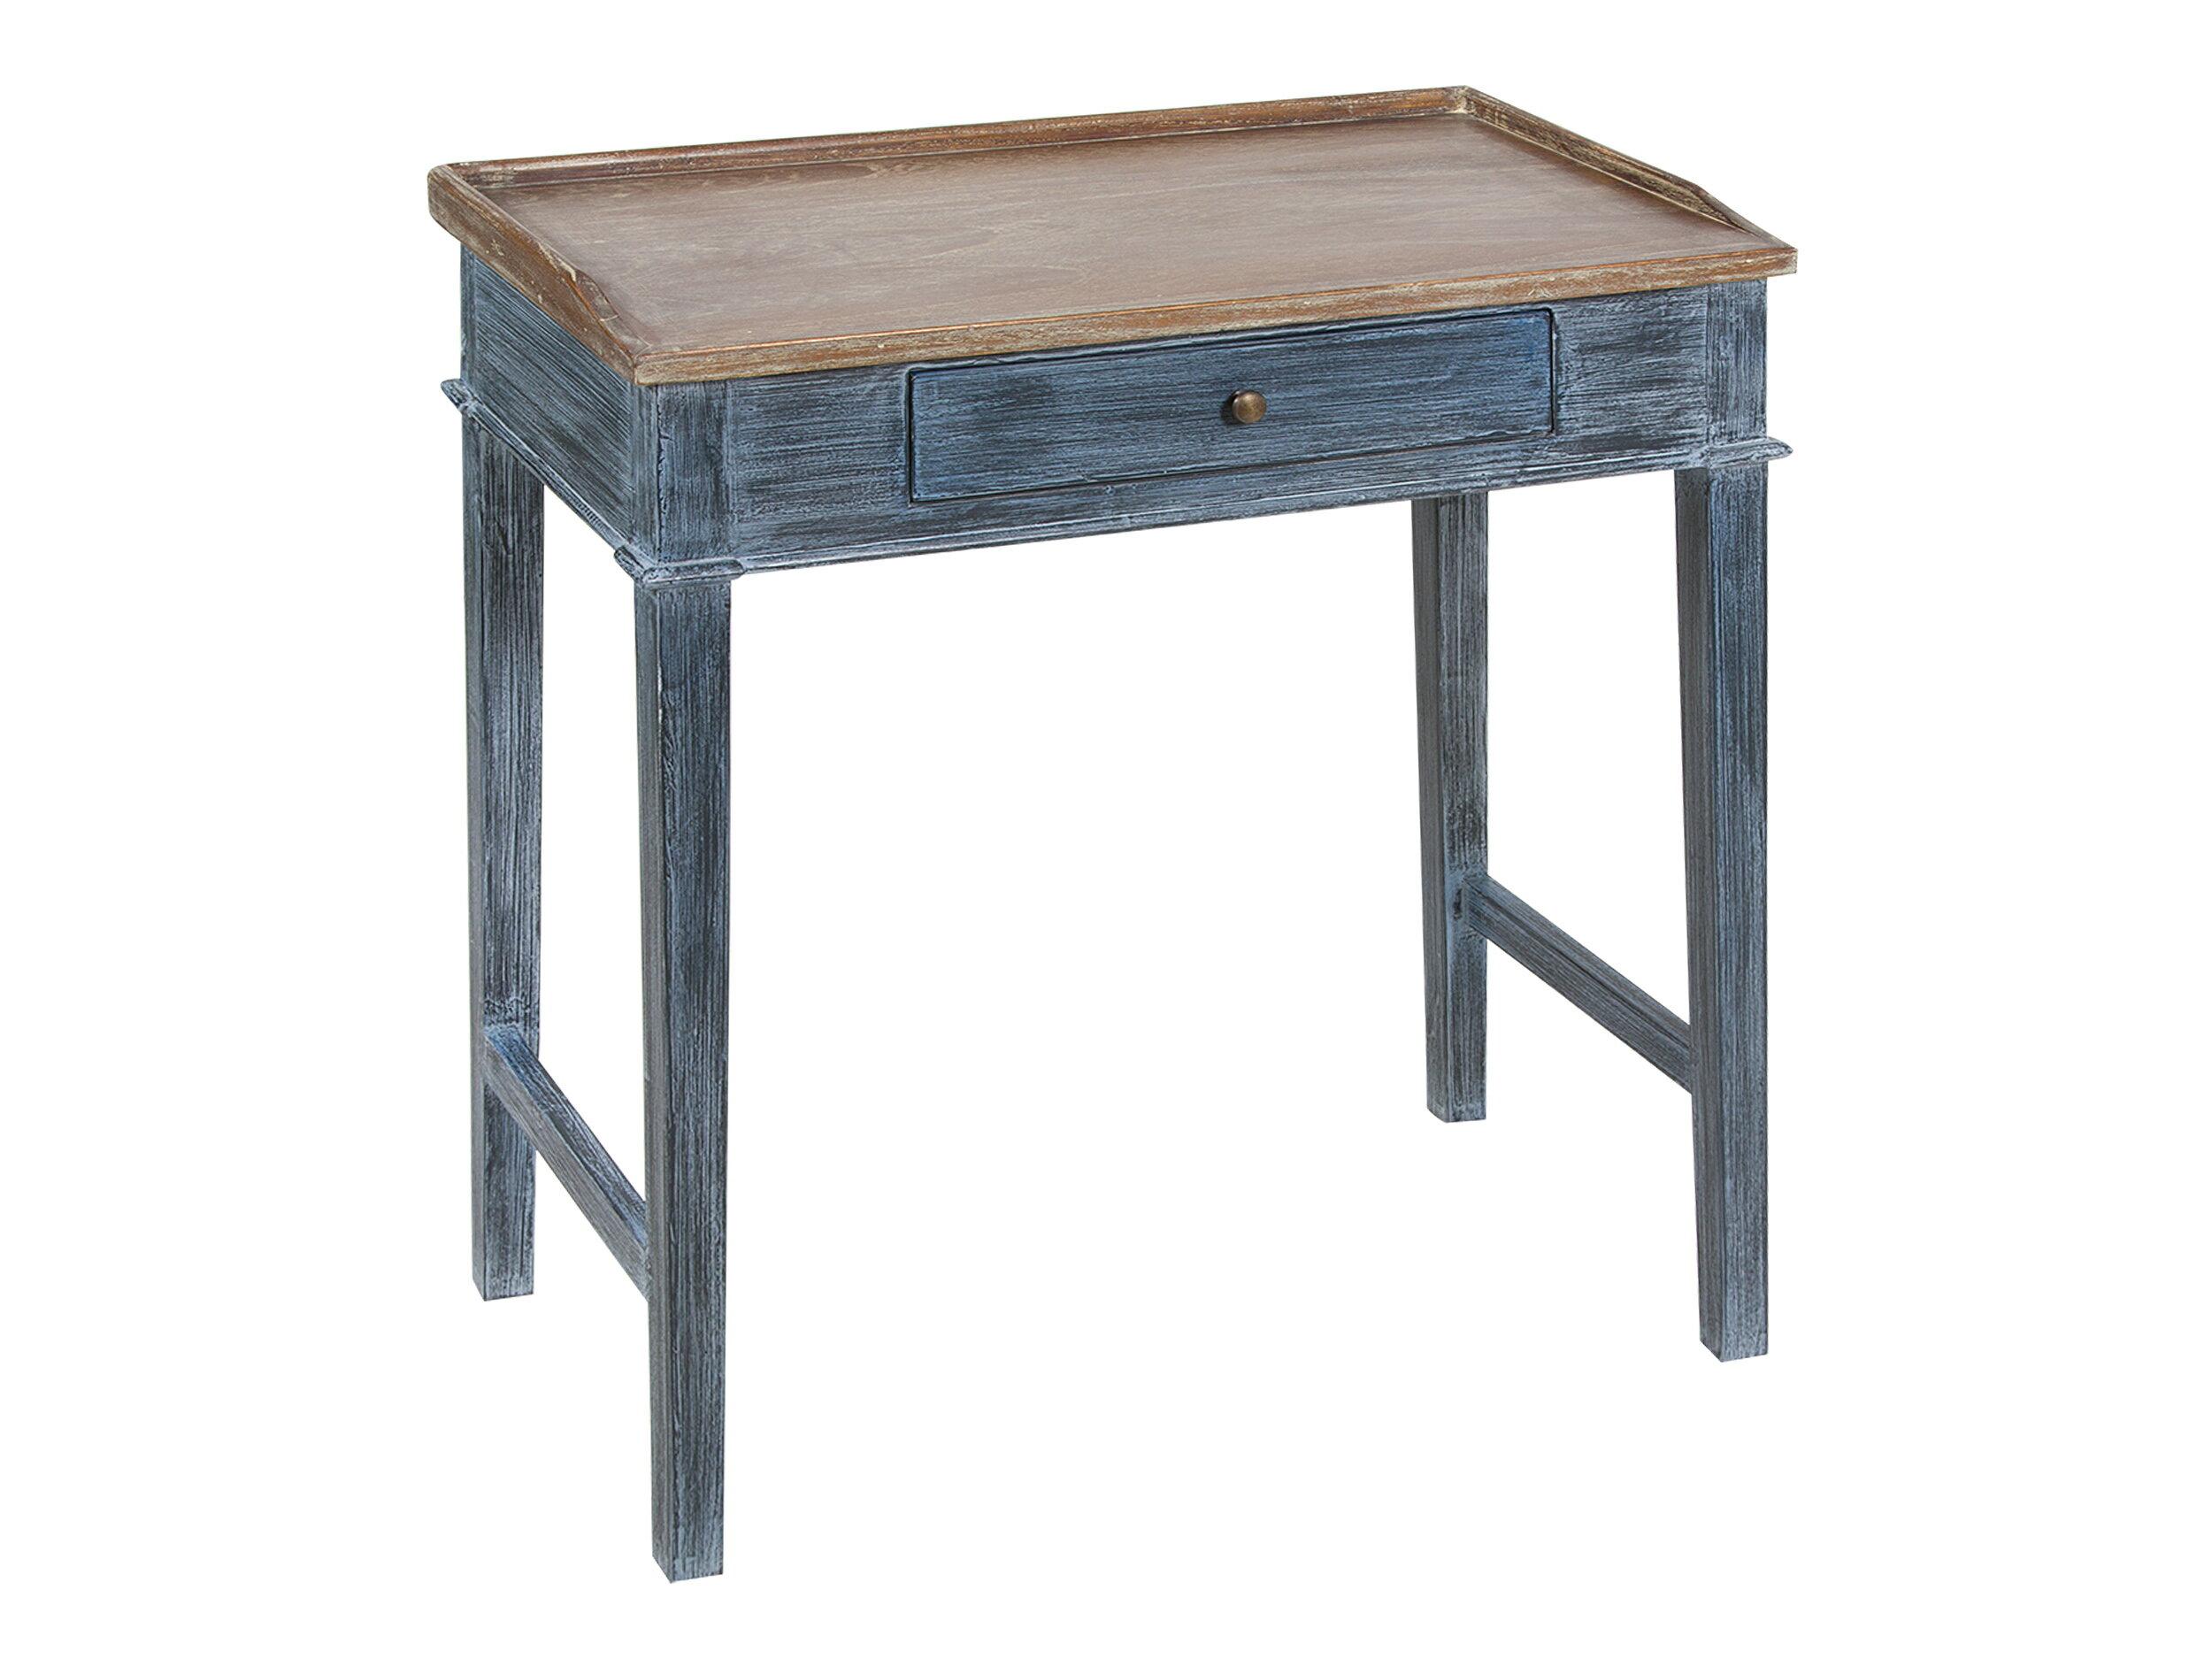 Comprar muebles con escritorio compara precios en for Muebles de escritorio precios